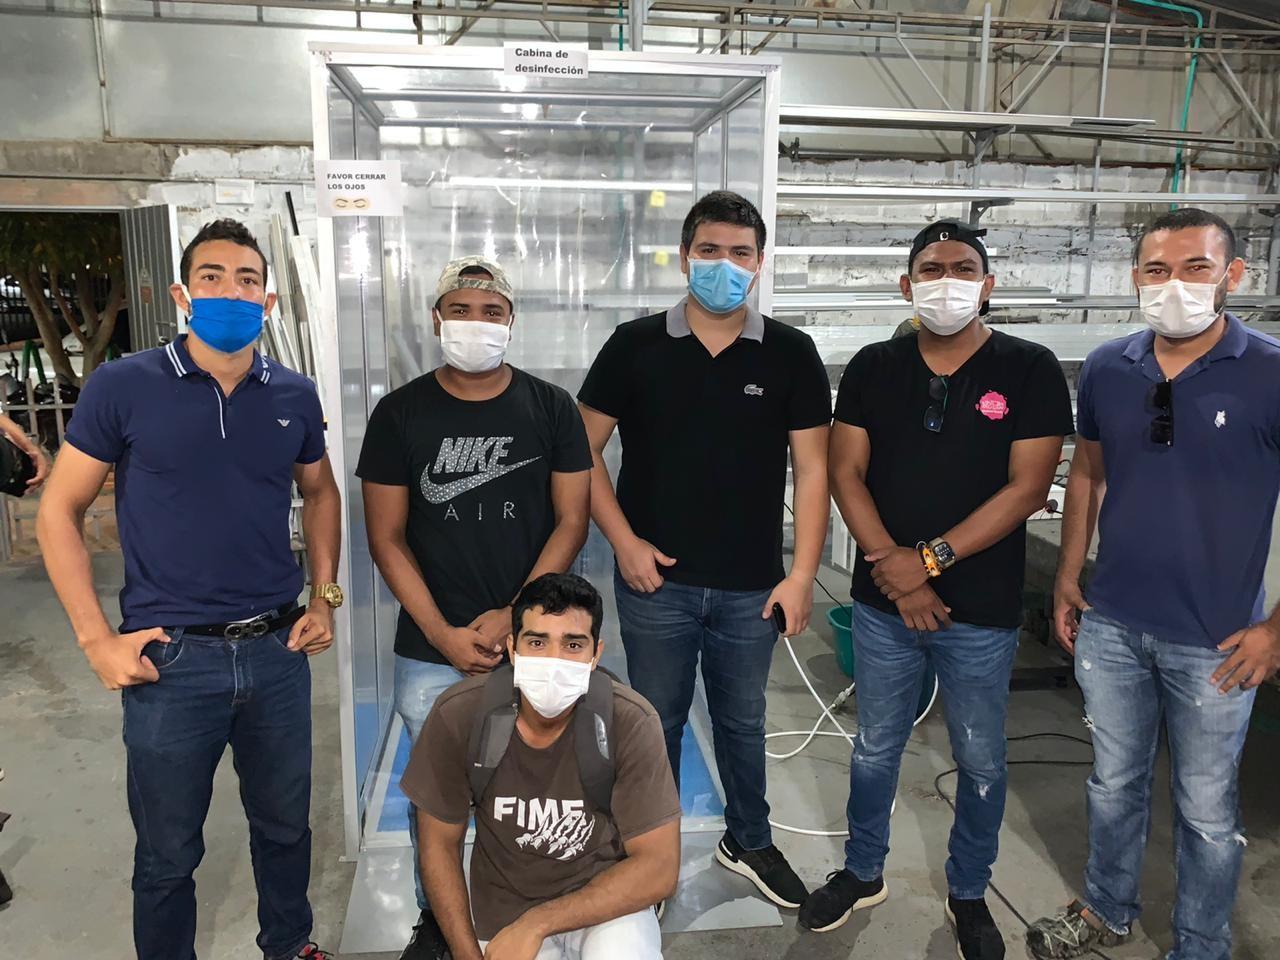 Equipo de profesionales que crearon la cabina de desinfección anti COVID 19.